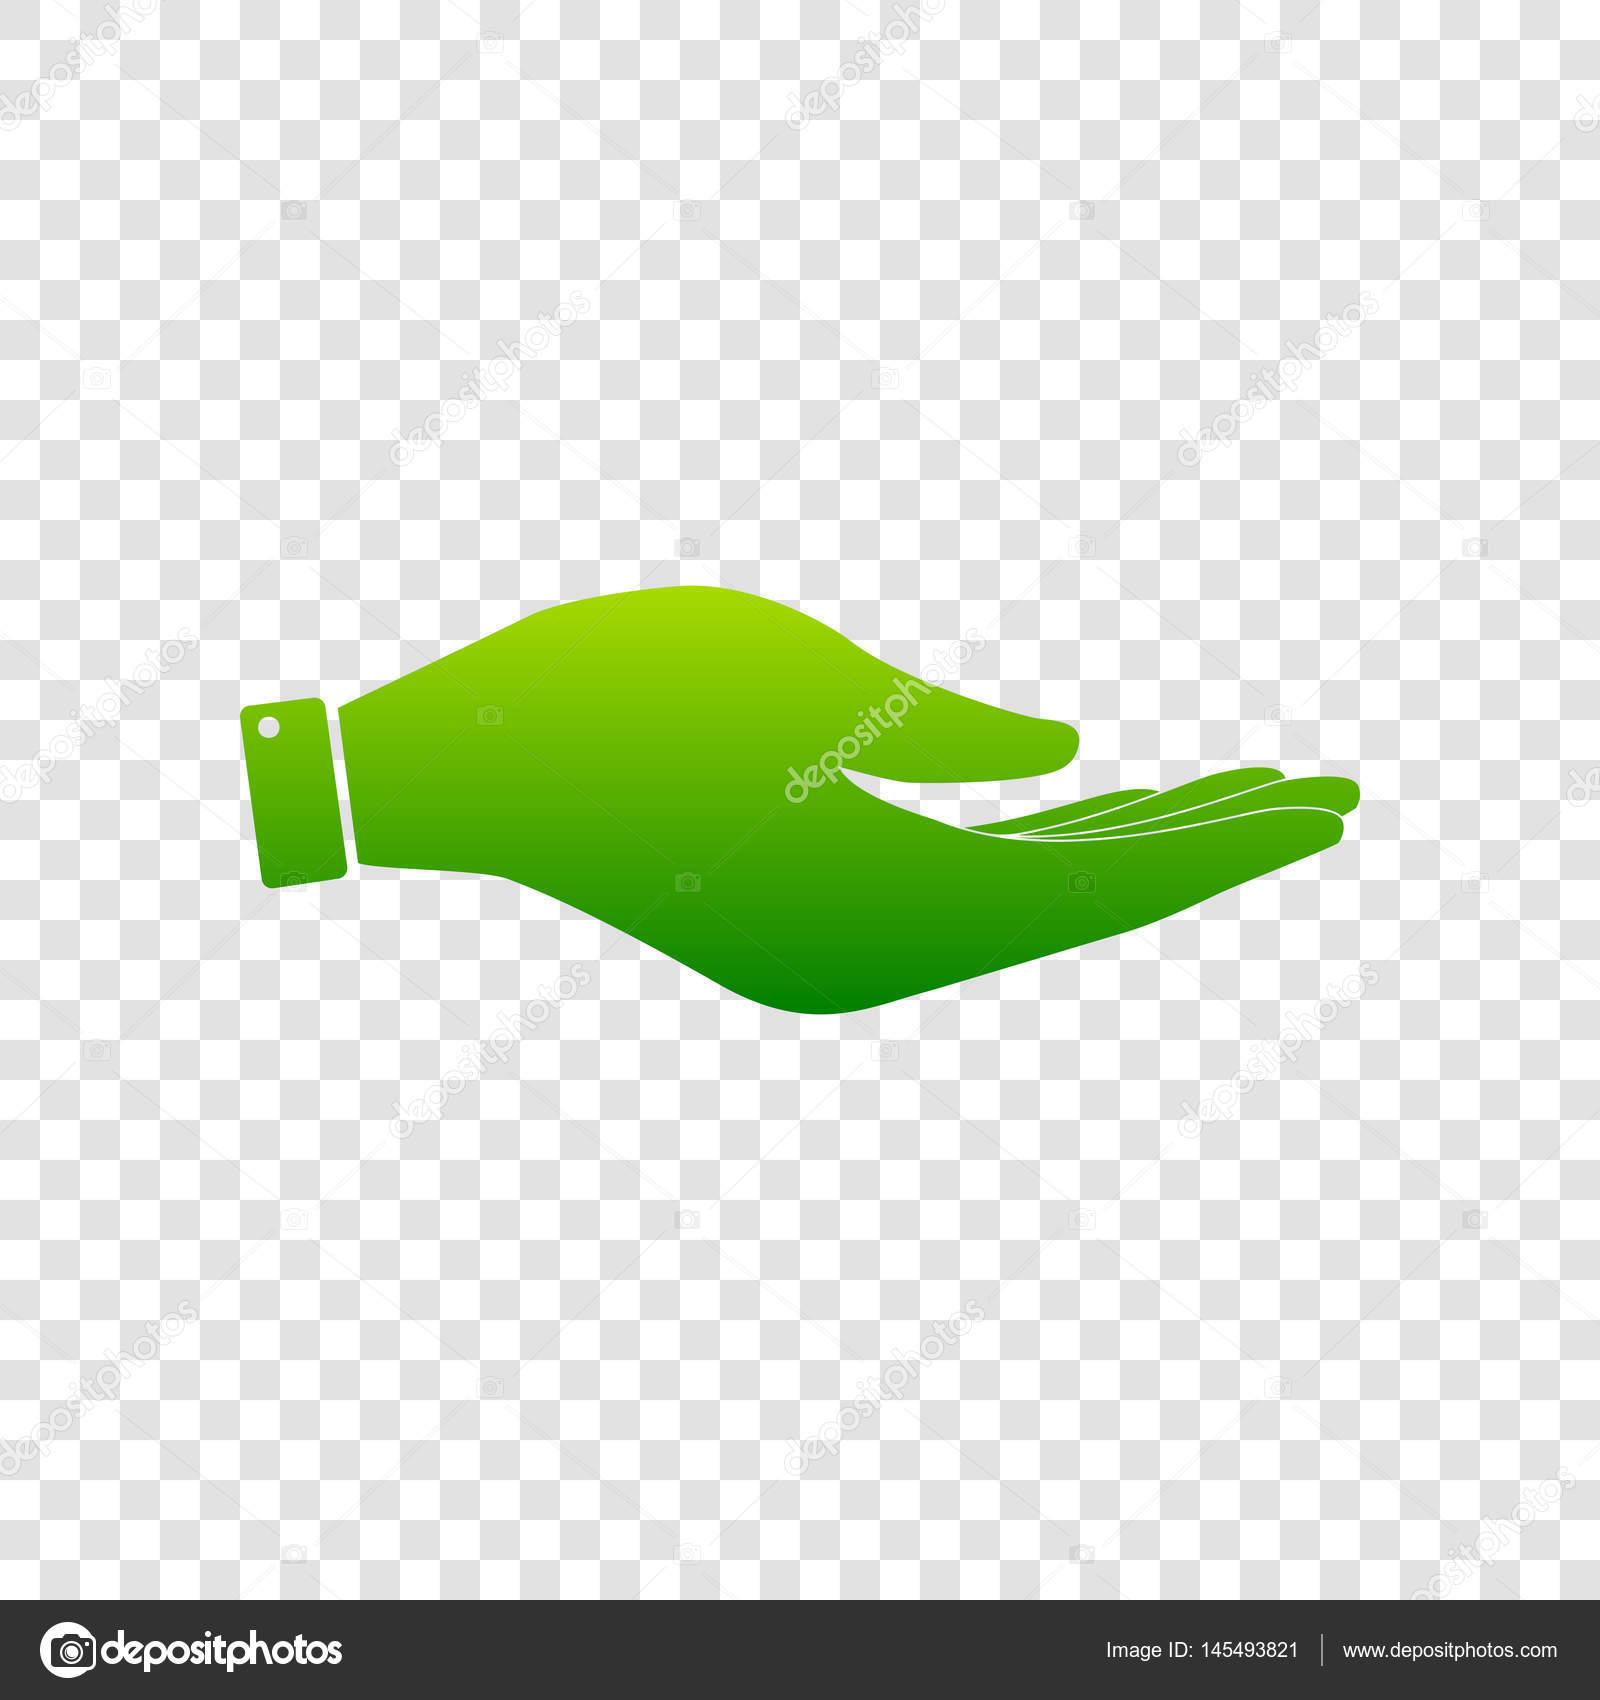 手サイン イラスト。ベクトル。透明な背景に緑色のグラデーションの